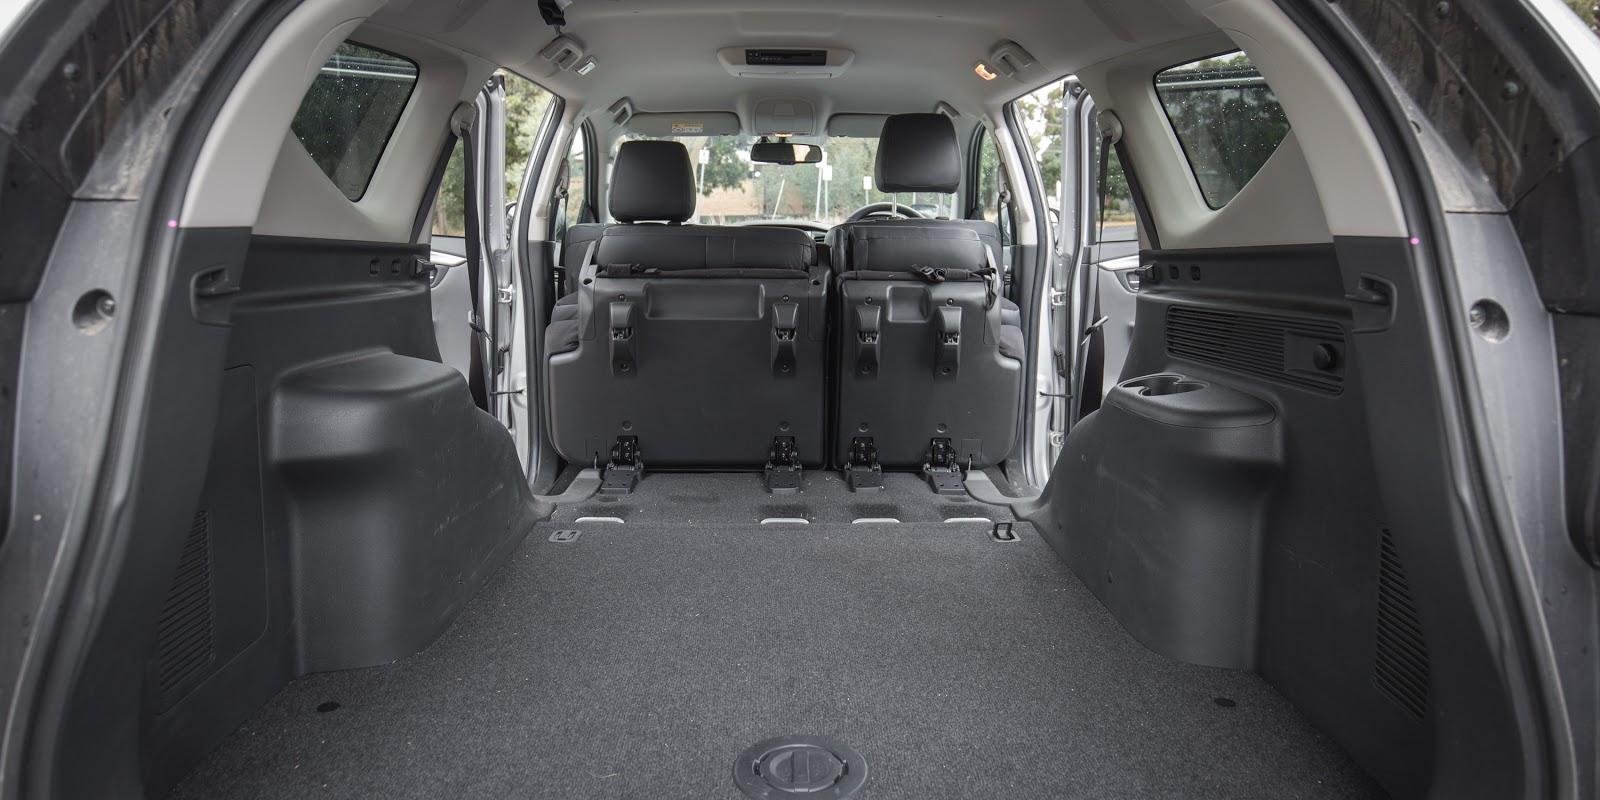 Khoang hành lý của xe rộng nhất hiện nay trên thị trường, ở một số thị trường sẽ có hàng ghế thứ 3, và ở một số nơi khác chỉ có 2 hàng